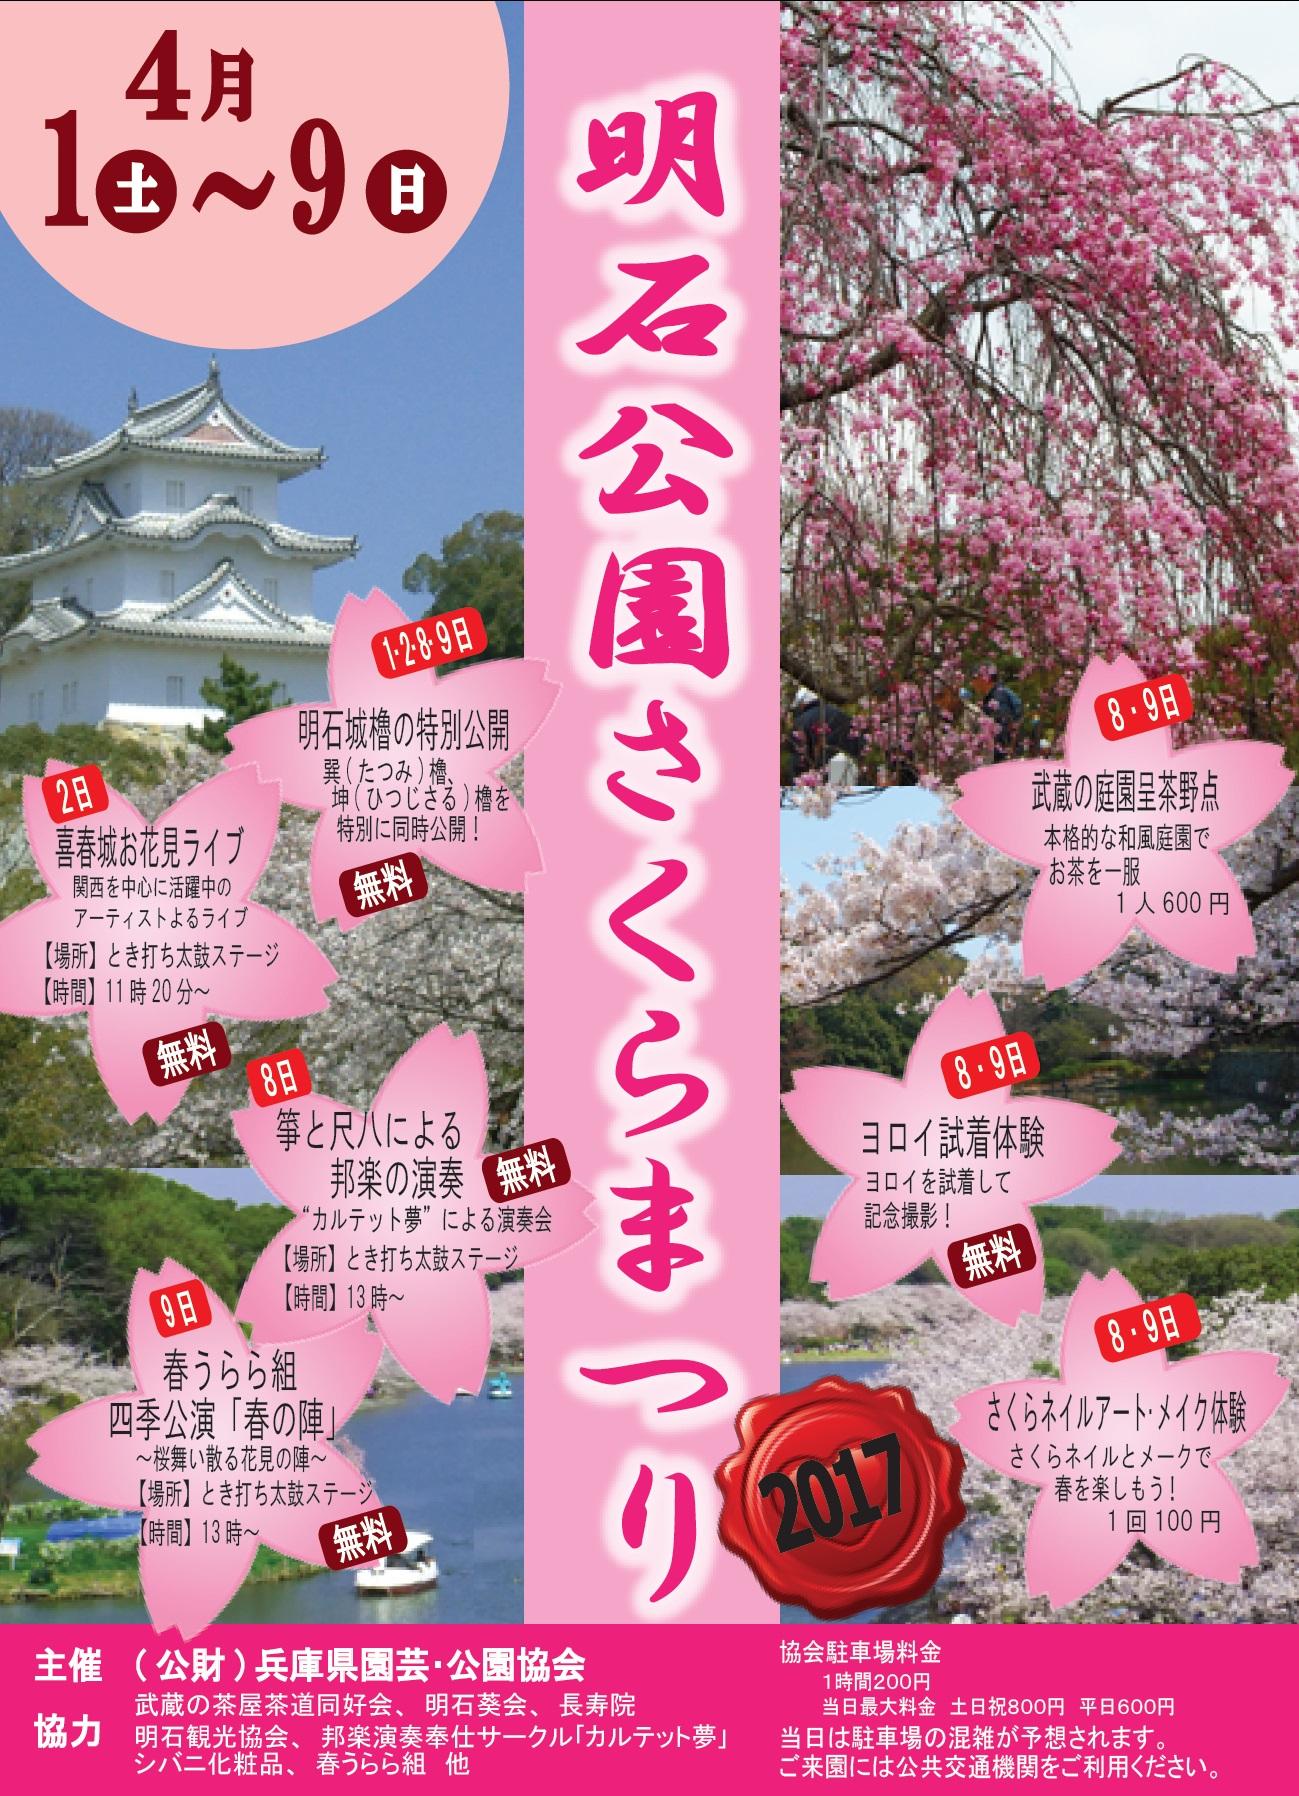 「明石公園さくらまつり2017」は4/1~4/9まで開催中!【※イベント告知】